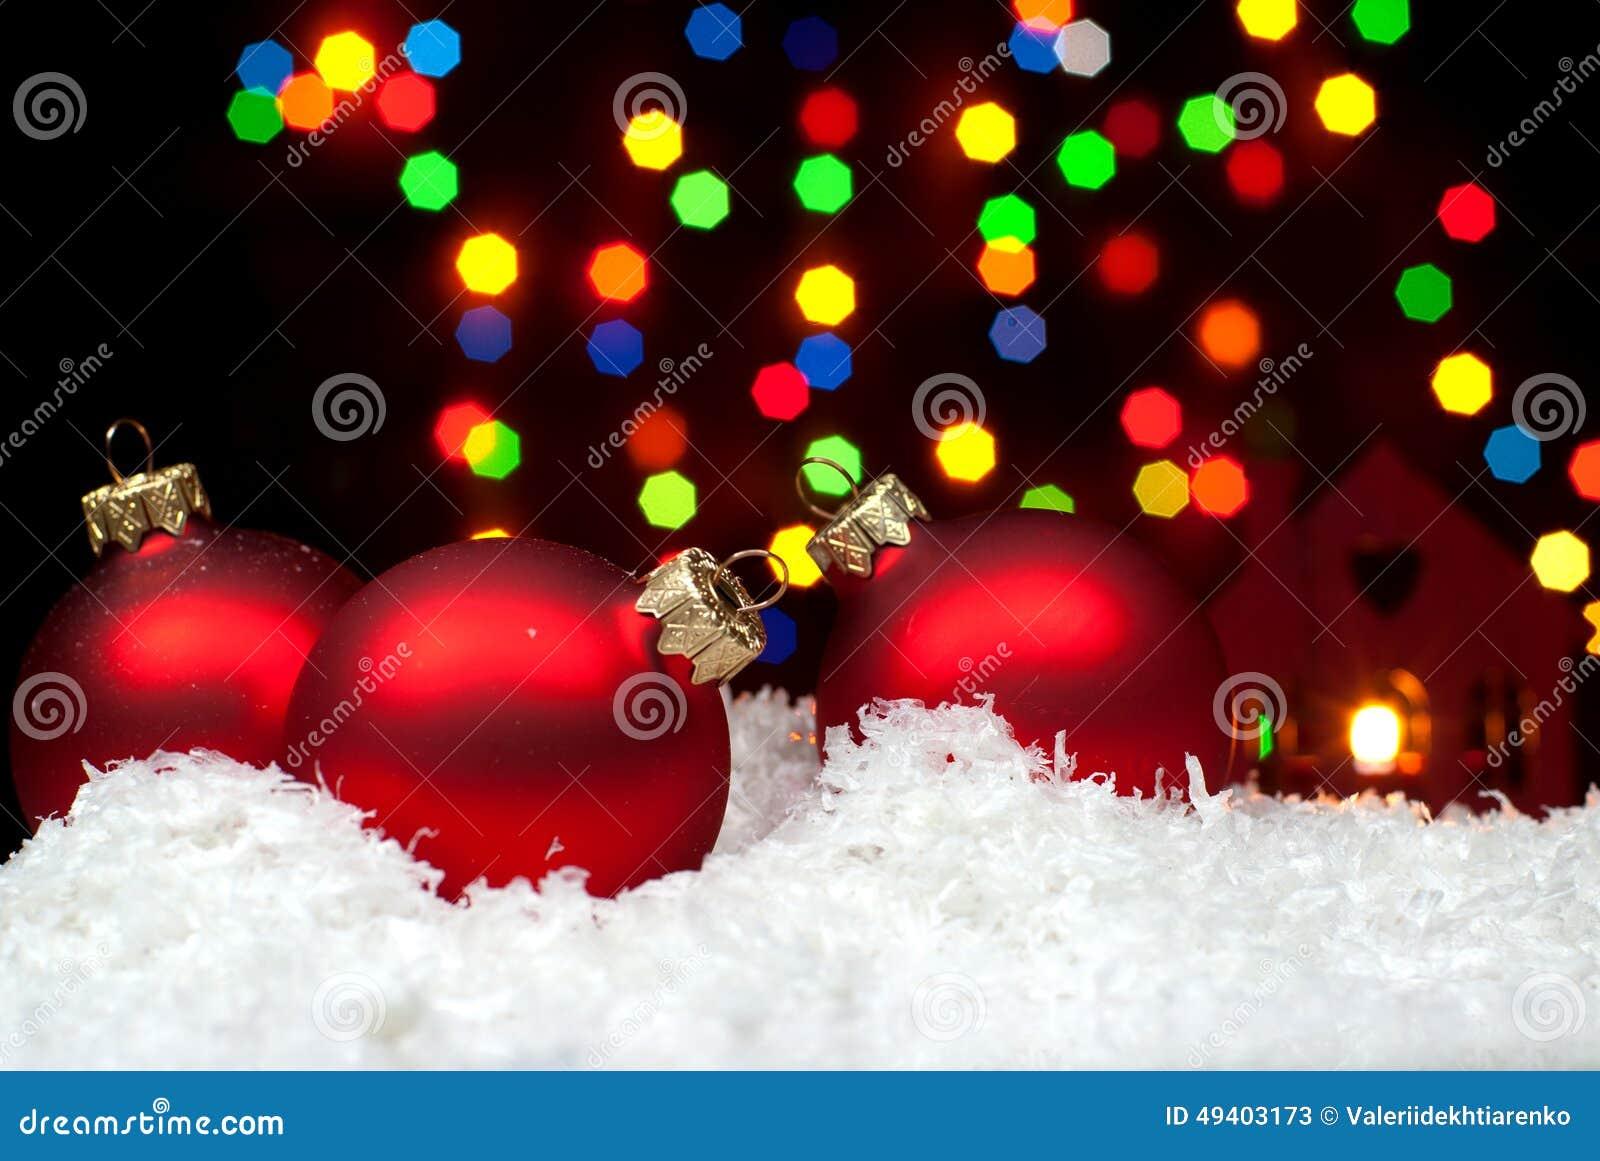 Download Weihnachten Spielt Im Schnee Mit Einem Weihnachtsbaum Mit Girlanden O Stockbild - Bild von abend, girlanden: 49403173